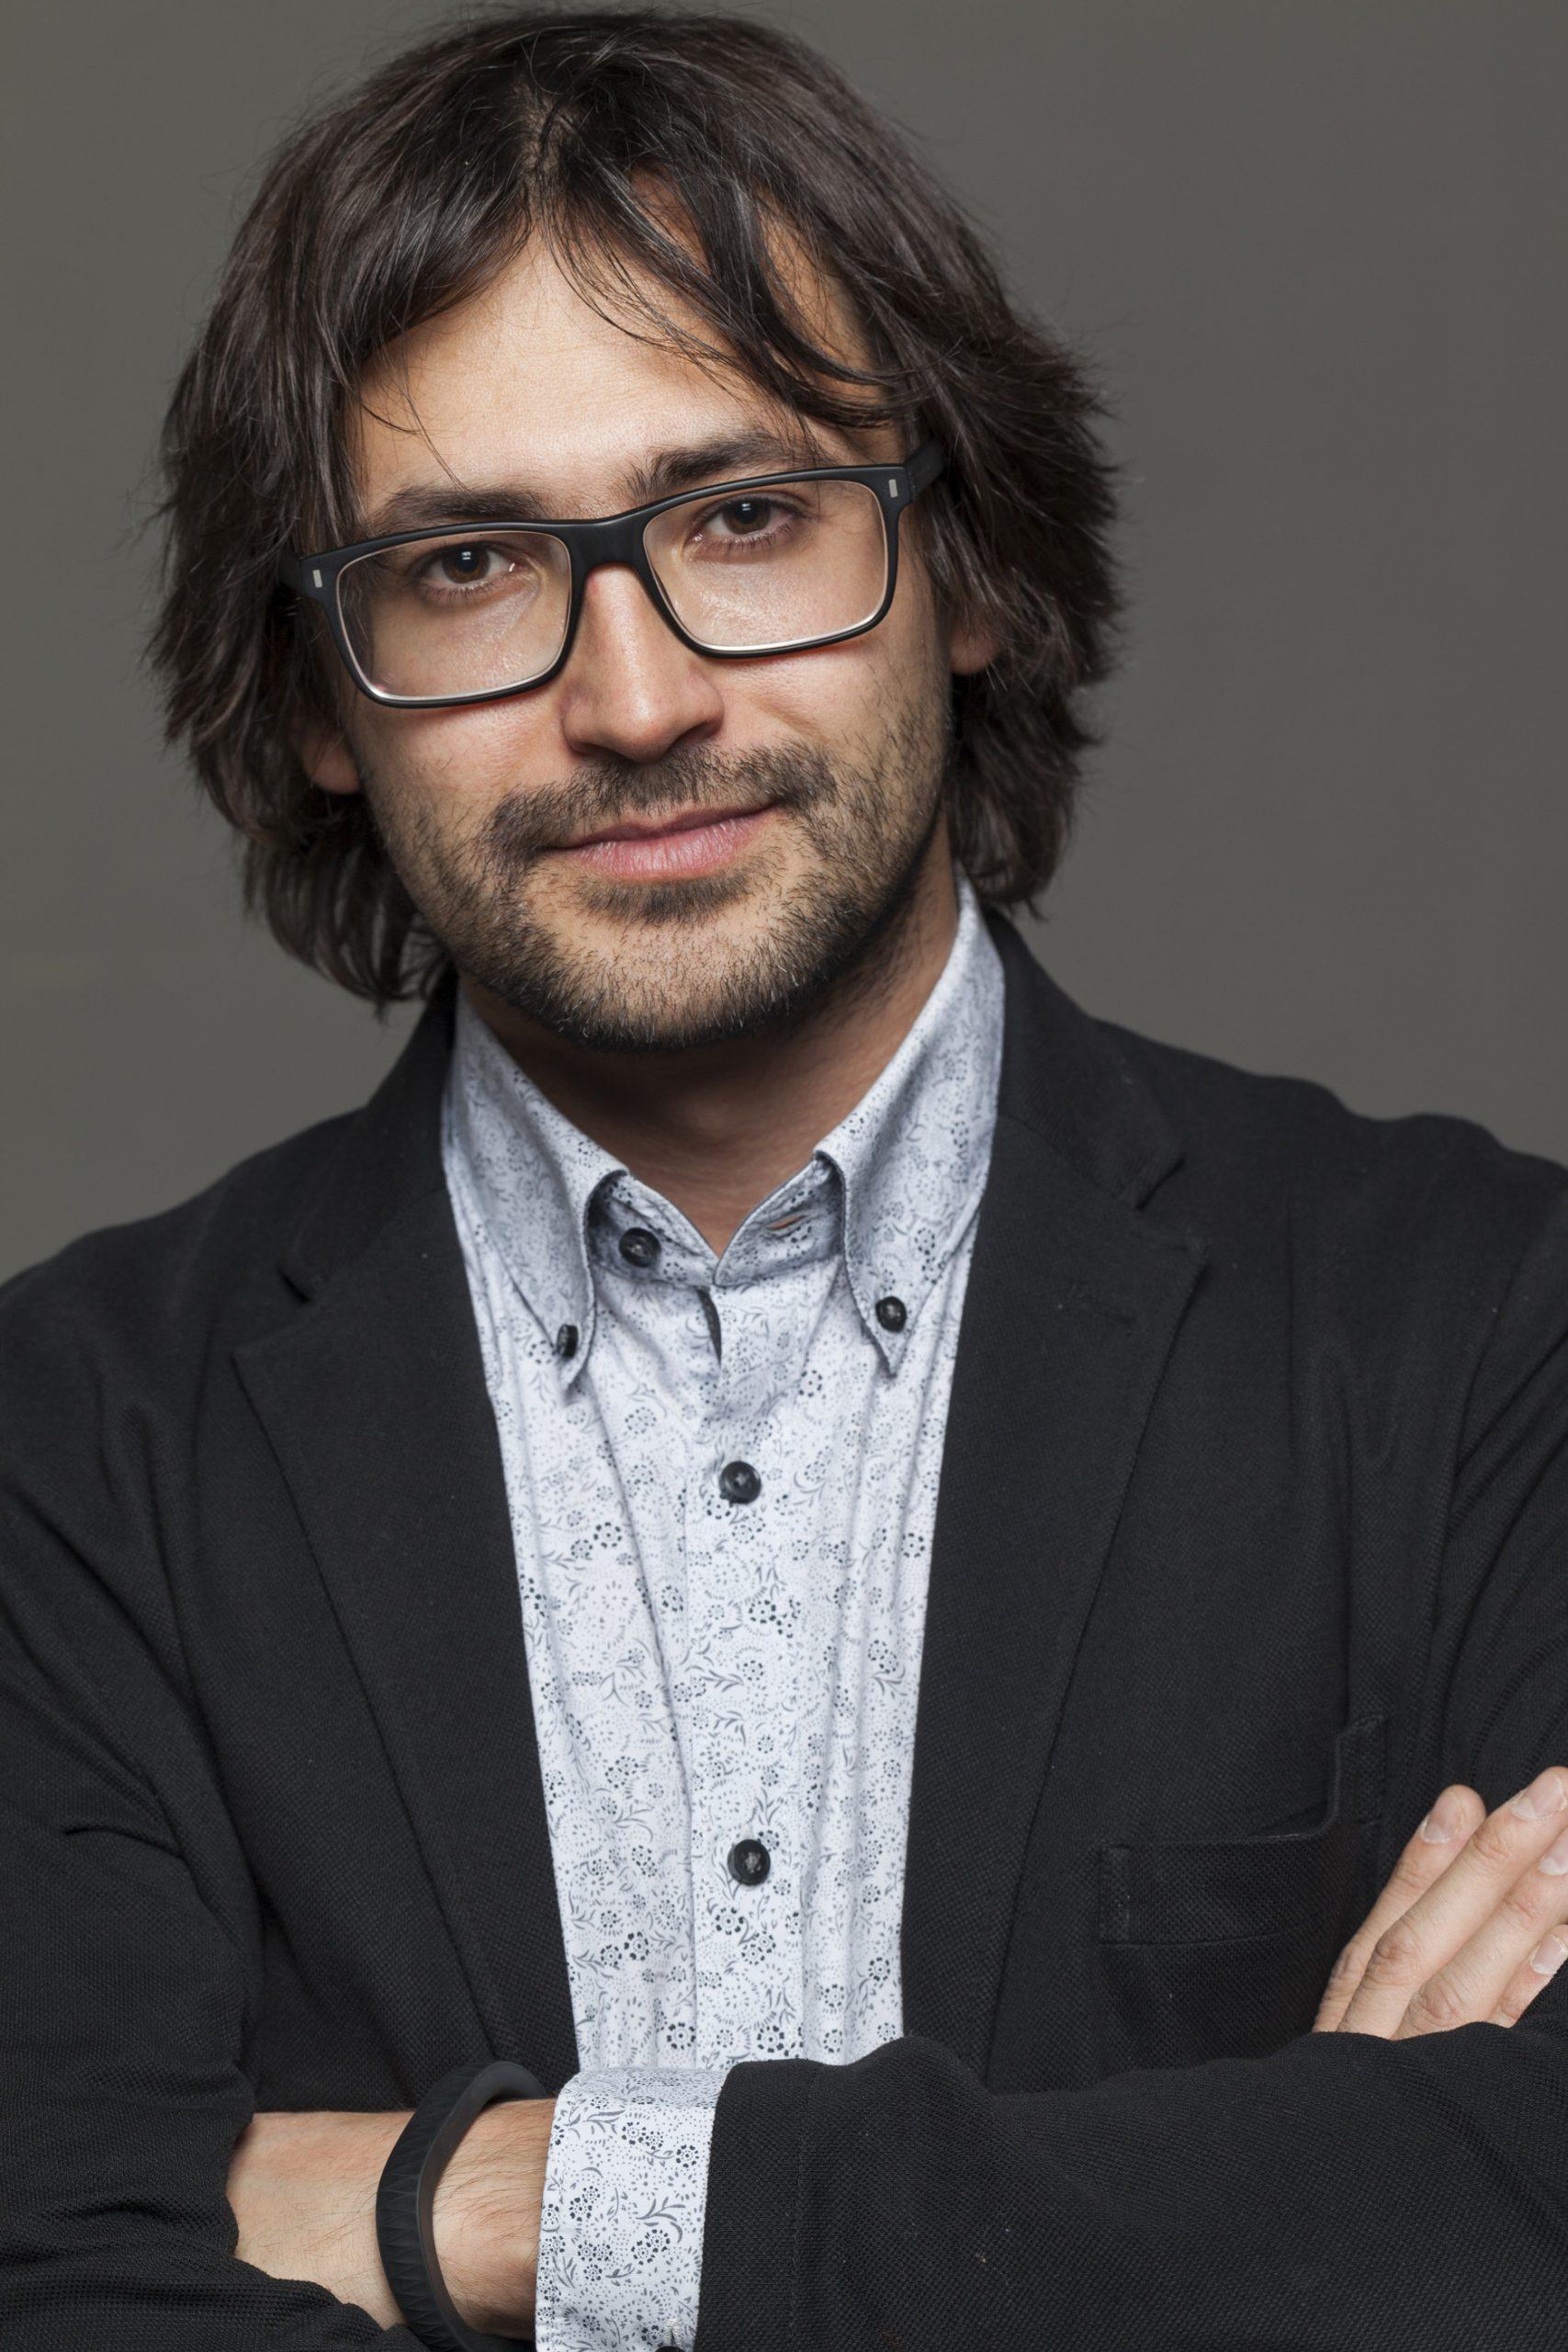 Dimitri Ozerkov